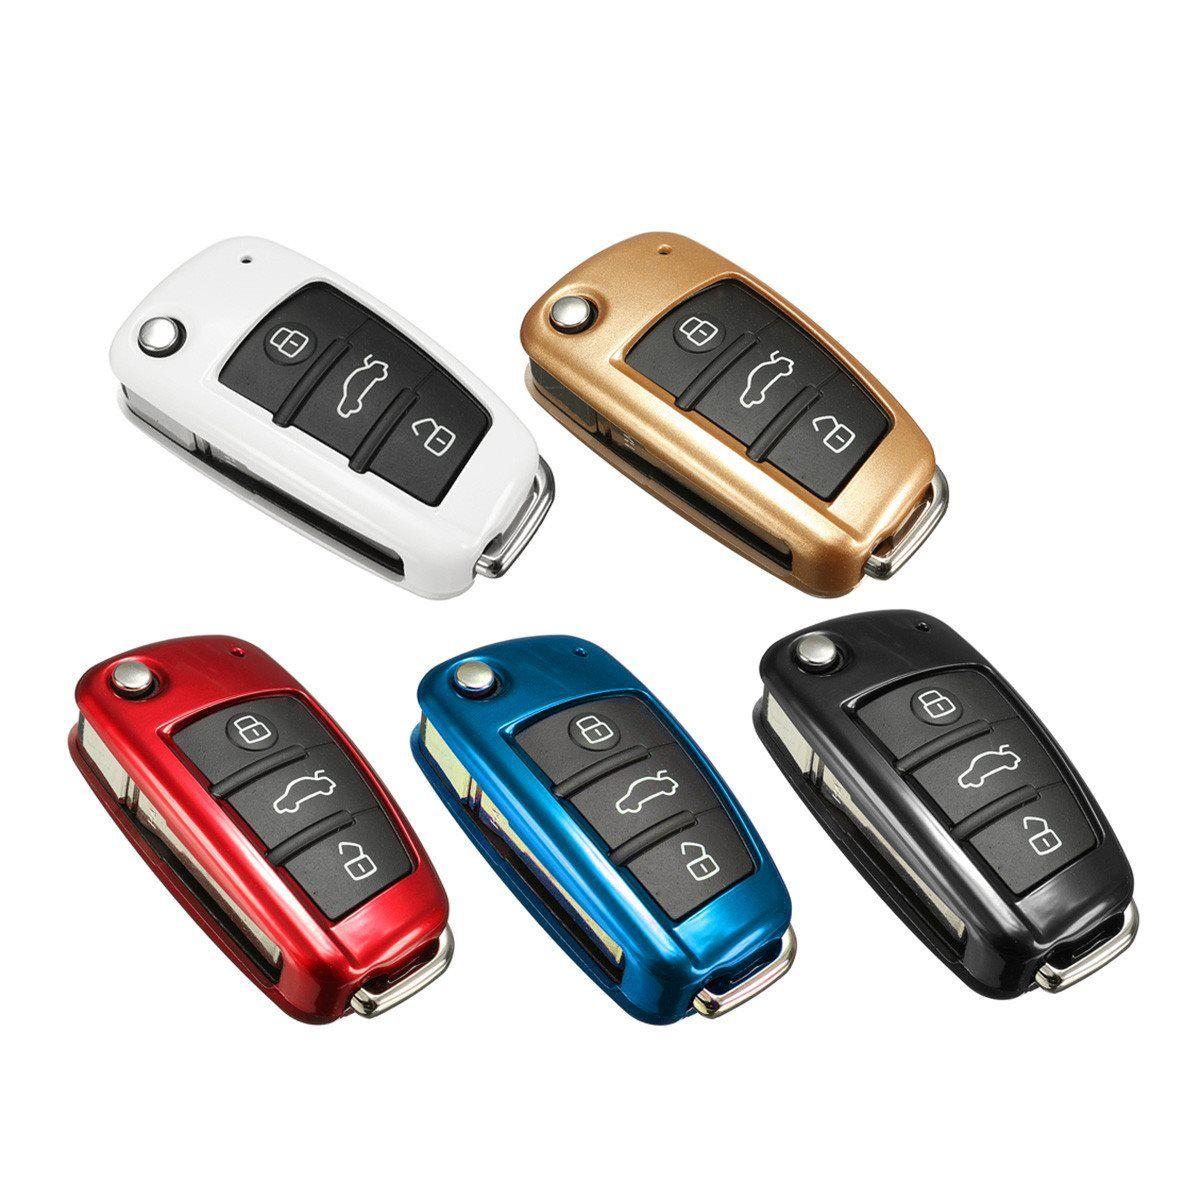 Multicolor Plástico ABS Protección Caso de Cáscara Dominante Alejada Del Coche Para Audi A1 TT A4L A5 A6 A7 A8 Q3 Q5 Q7 Q7 S5 S6 S7 S8 Nueva